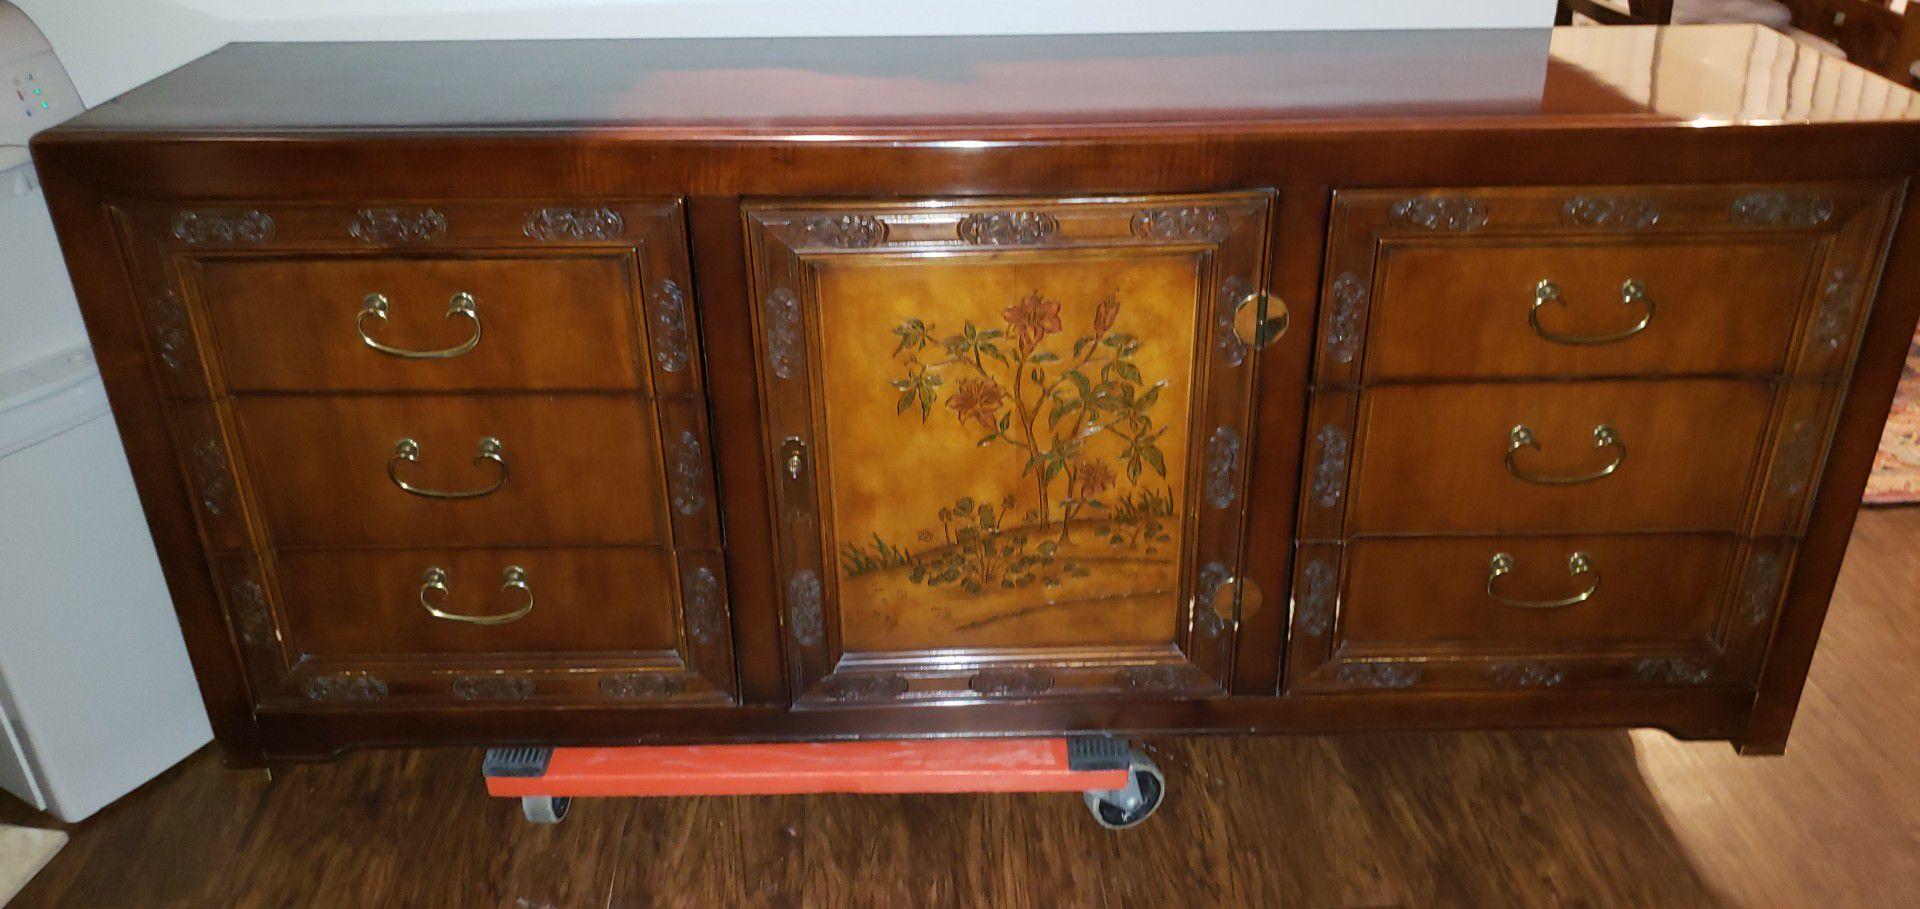 Bernhardt dresser with mirror